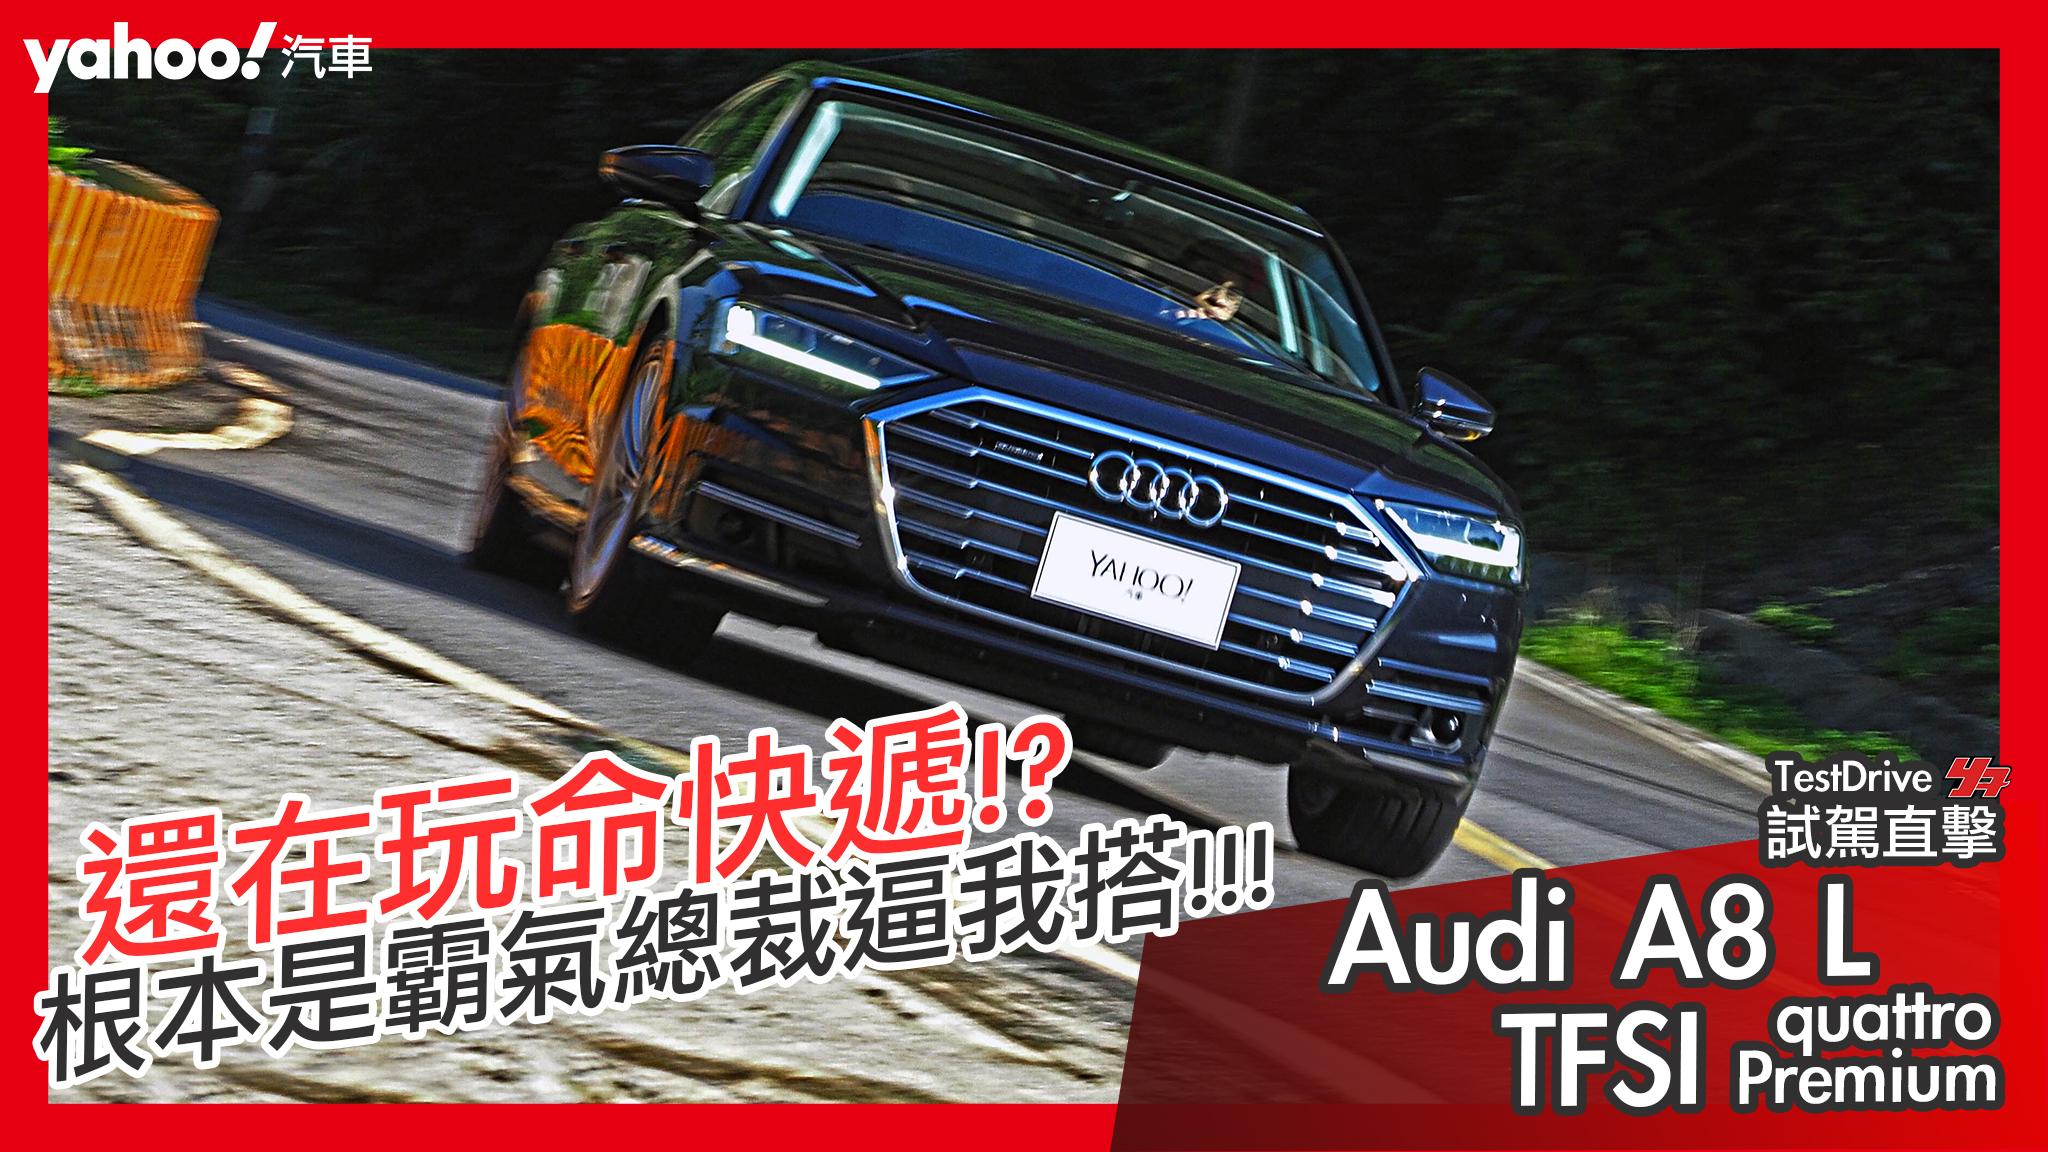 【試駕直擊】全新思維打造旗艦科技玩物!Audi A8 L 55 TFSI quattro Premium總裁級試駕!